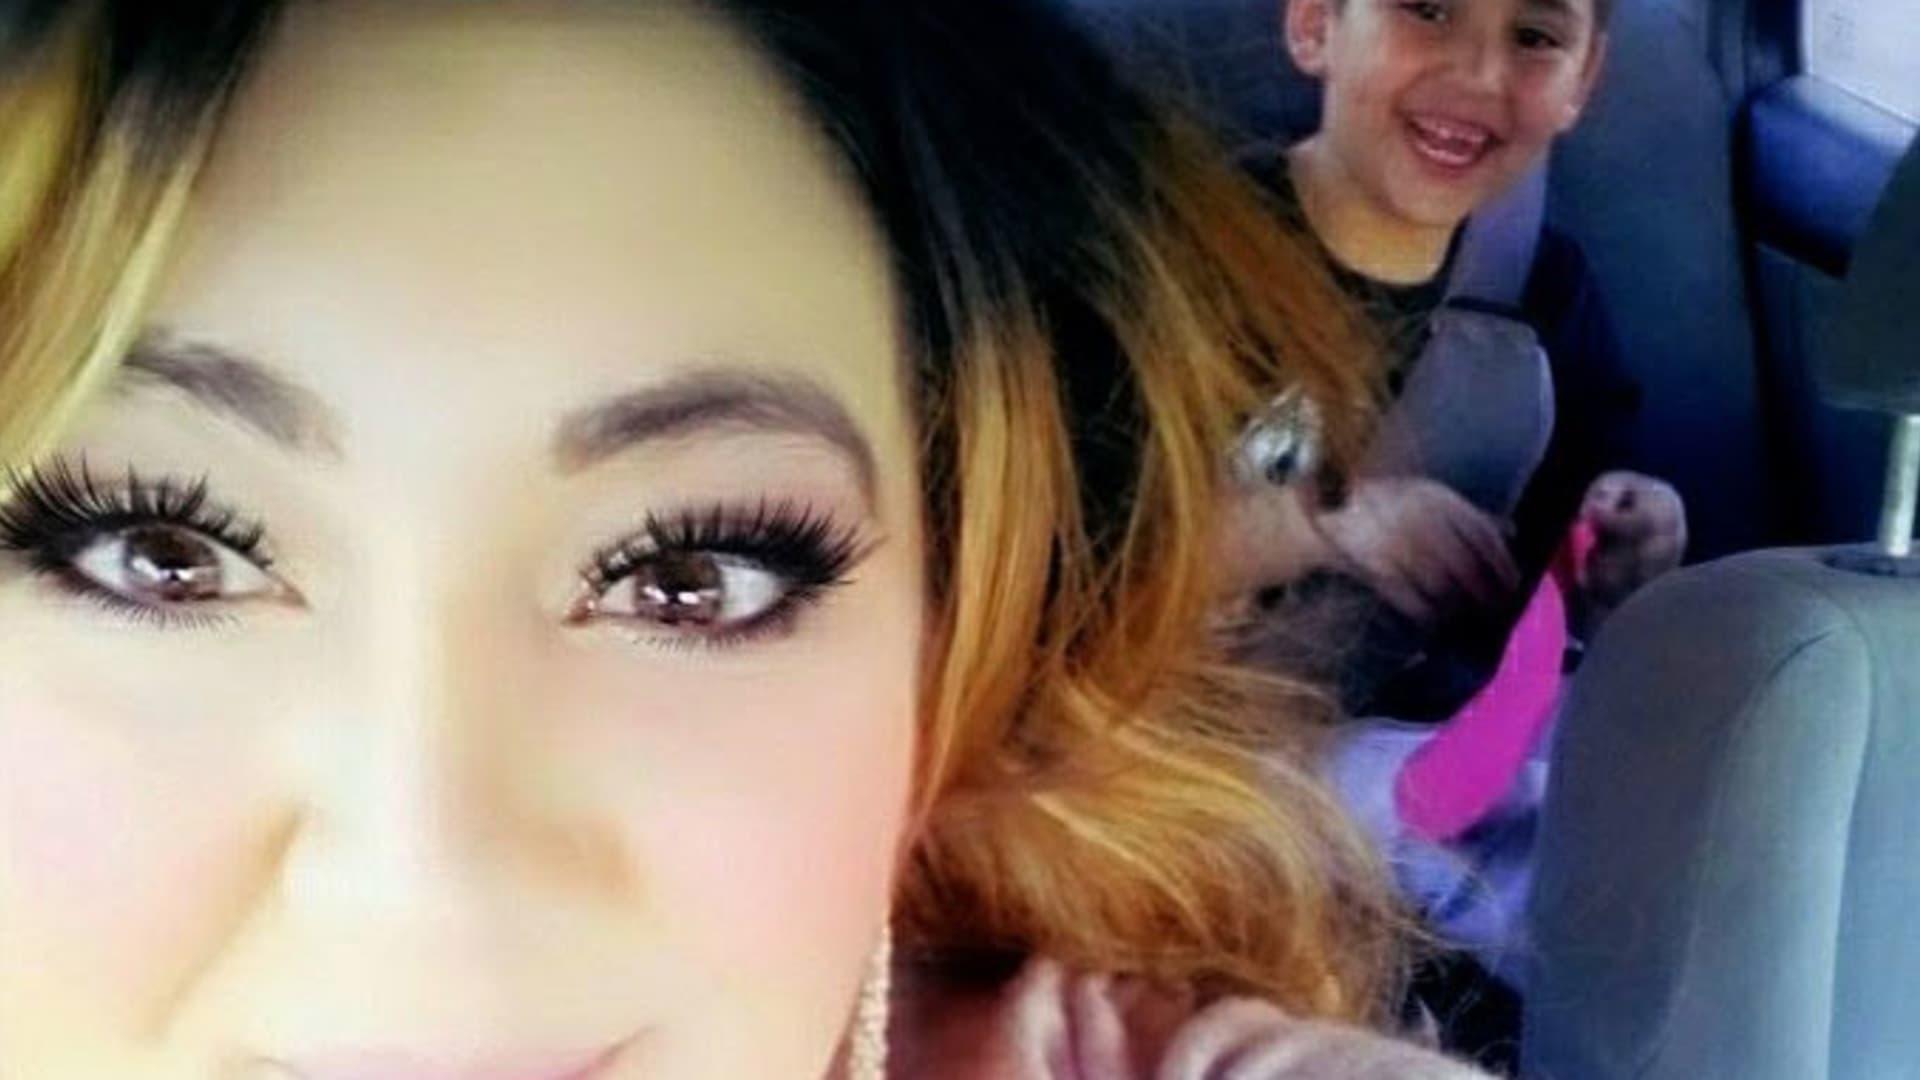 Vanessa Rivera and her son.